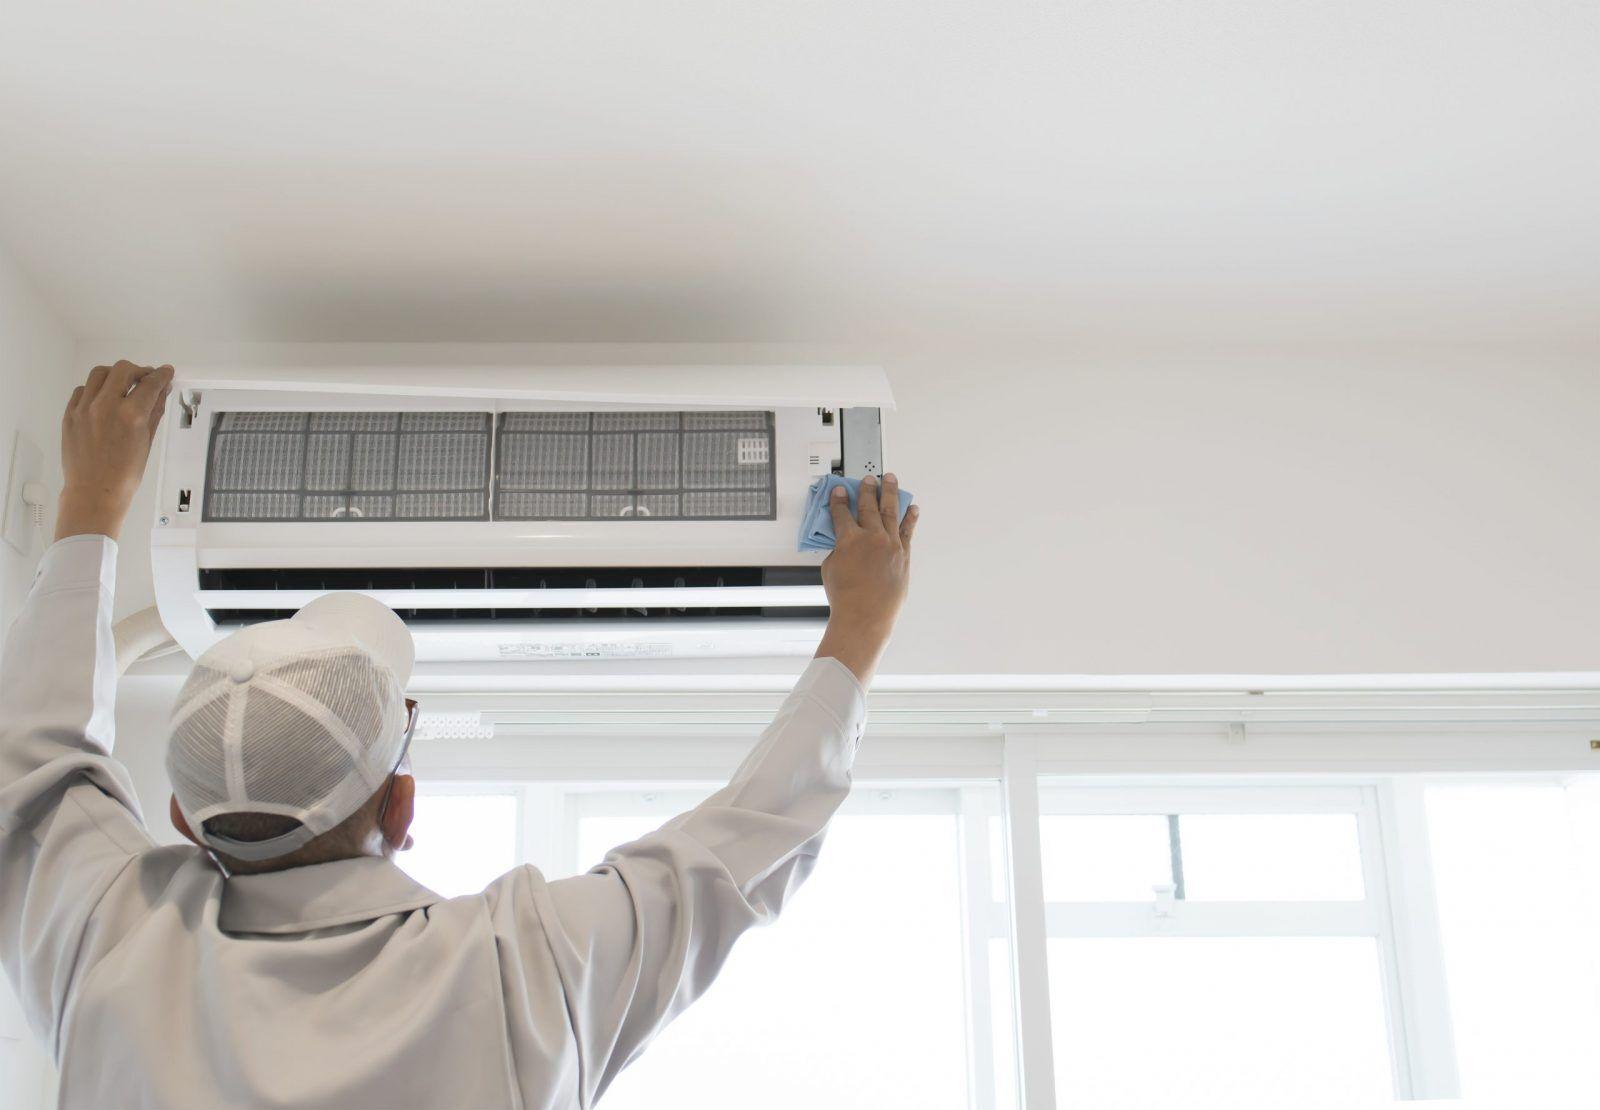 Saier Ulm Klima Klimaanlage Splitgerät